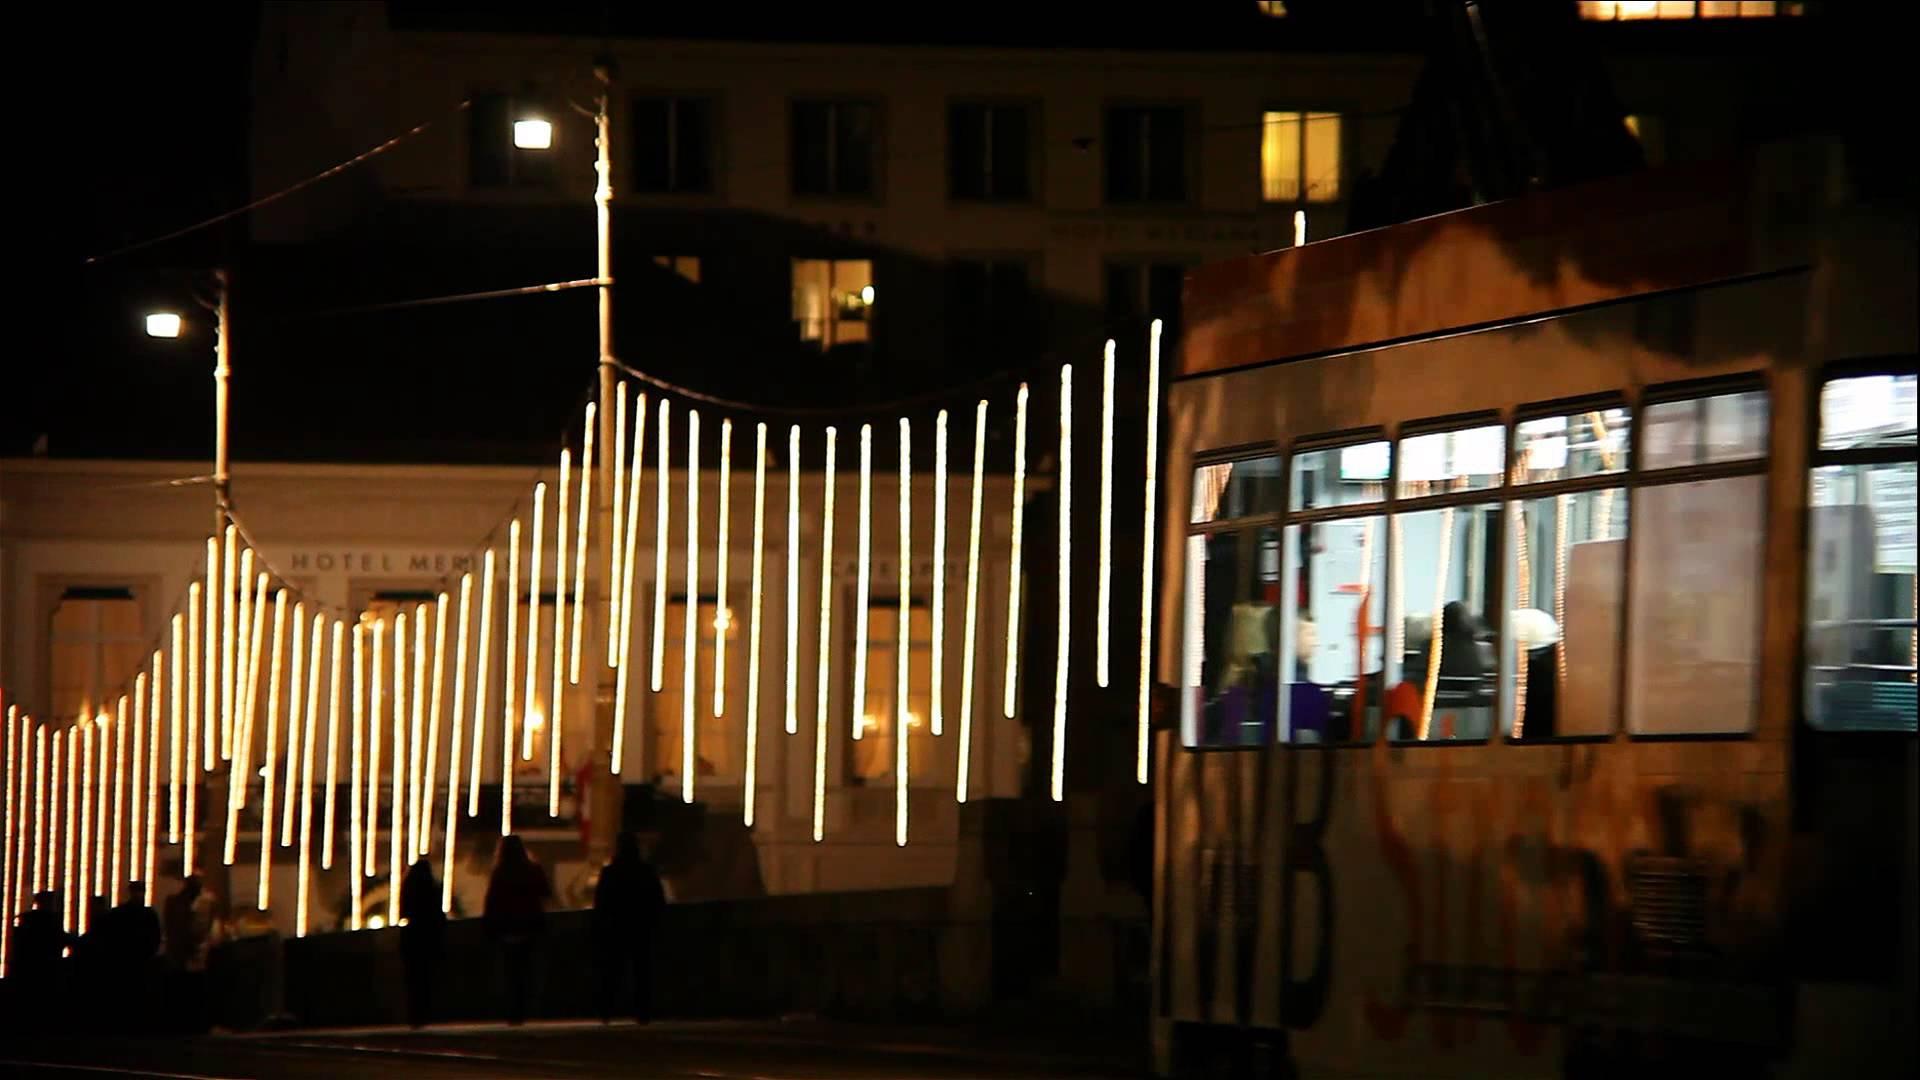 Die Basler Weihnacht - Christmas in Basel - Marché de Noël de Bâle